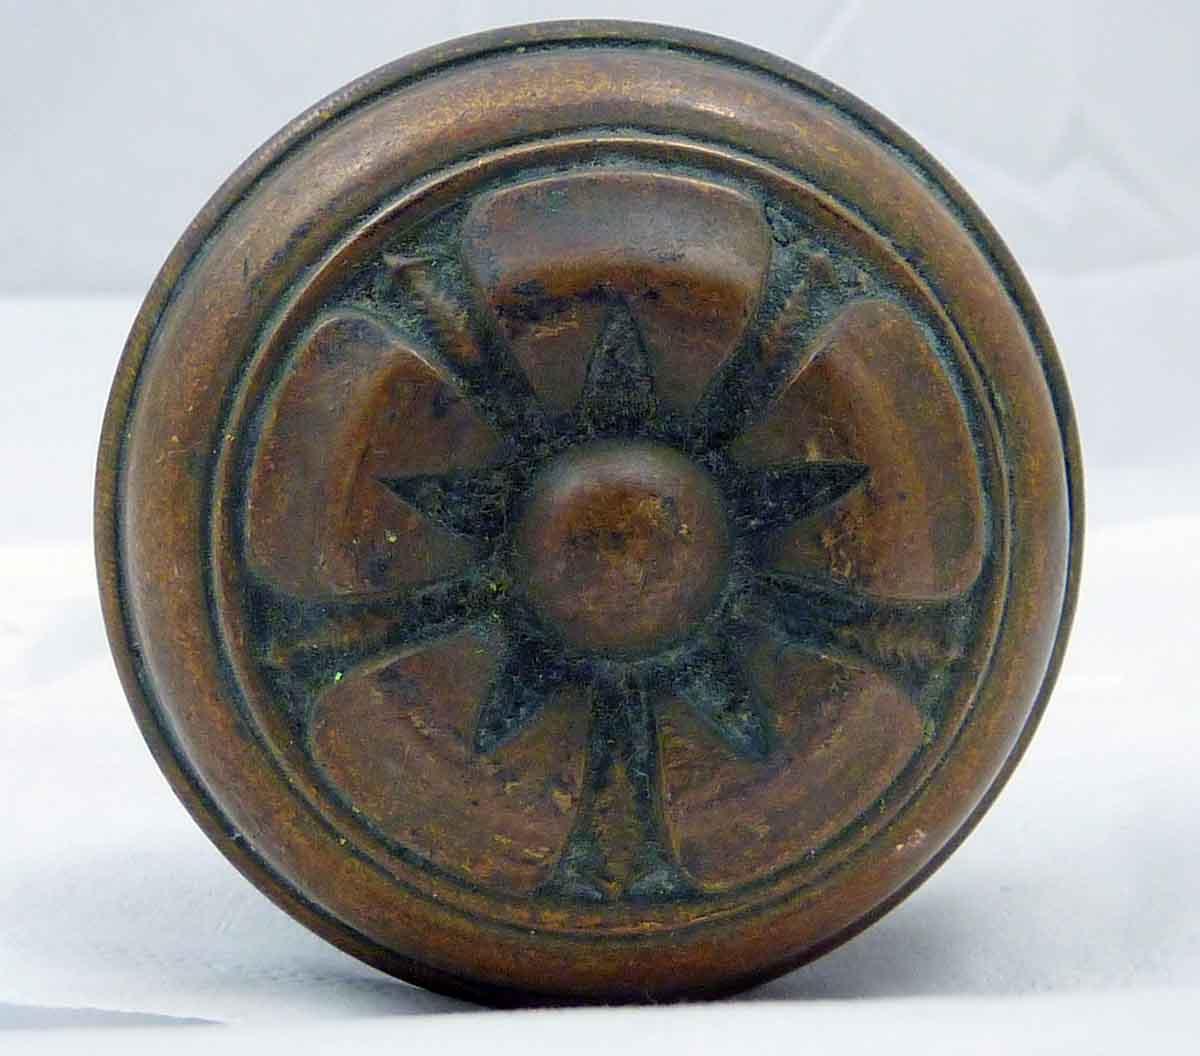 Bronze Doorknob Set with Large Flower Design